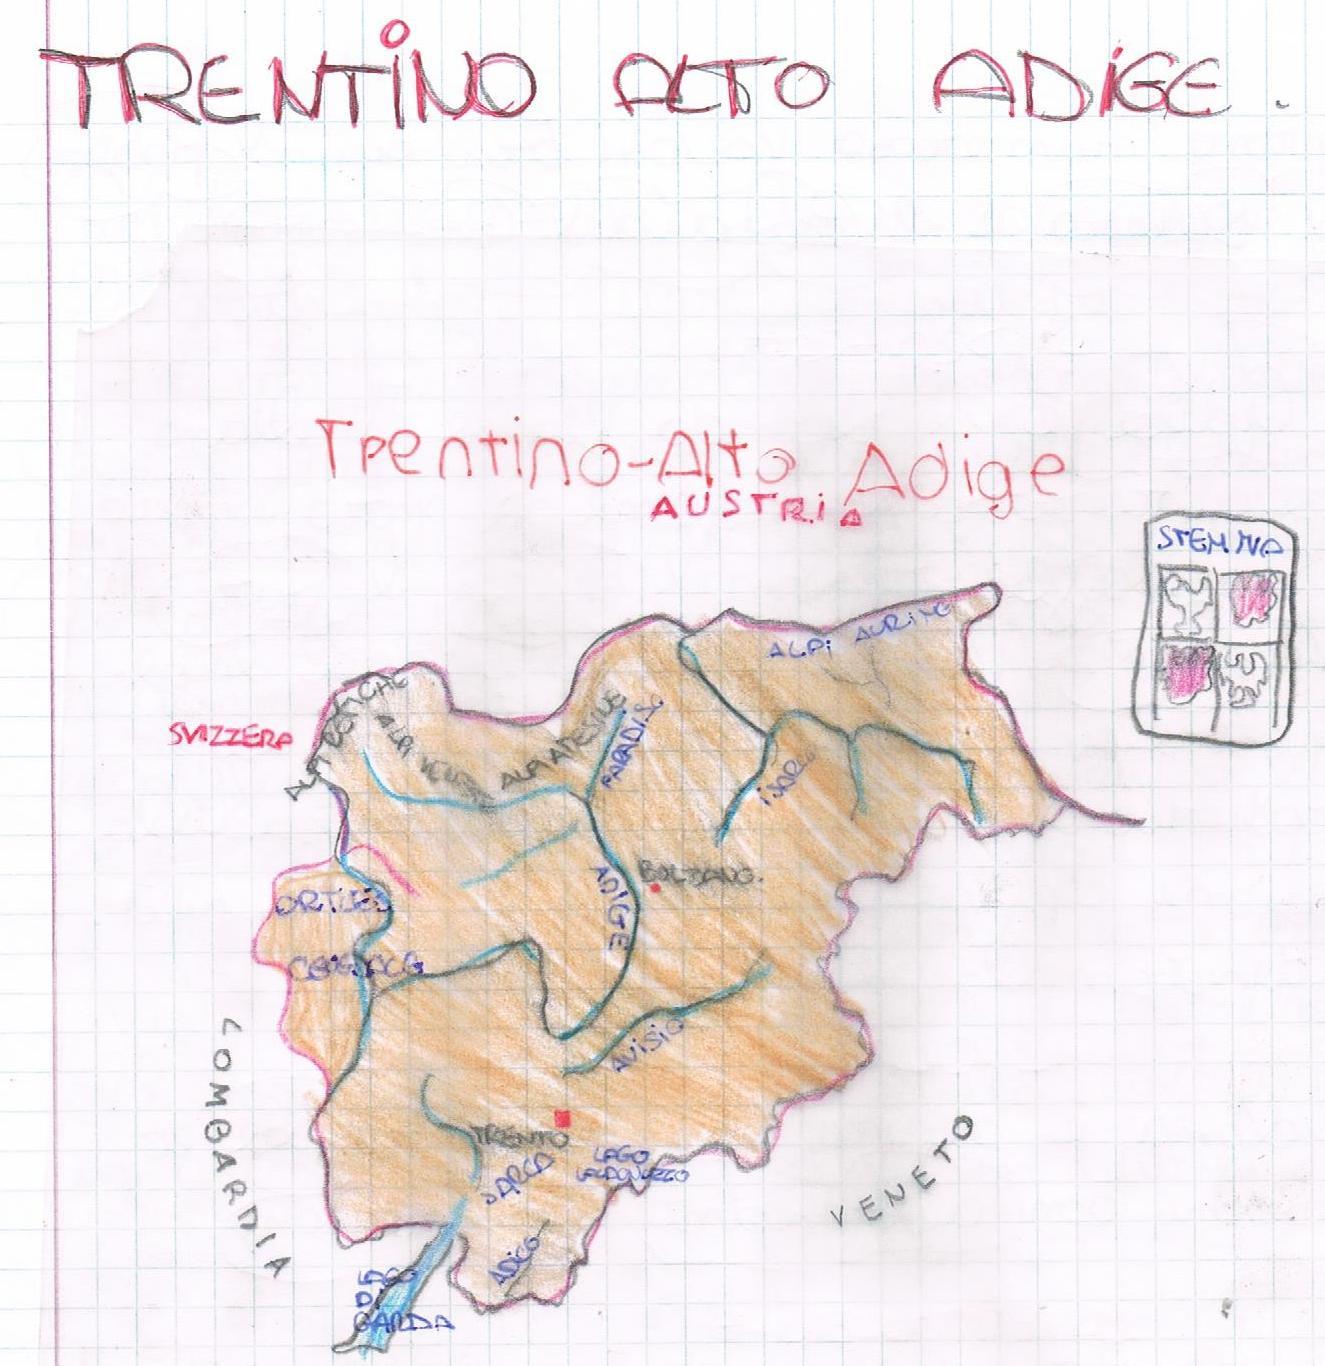 Trentino Alto Adige Cartina Fisica E Politica.Geografia Le Regioni D Italia Il Trentino Alto Adige Spiegazioni E Prova Di Verifica Per La Classe Quinta Della Scuola Primaria